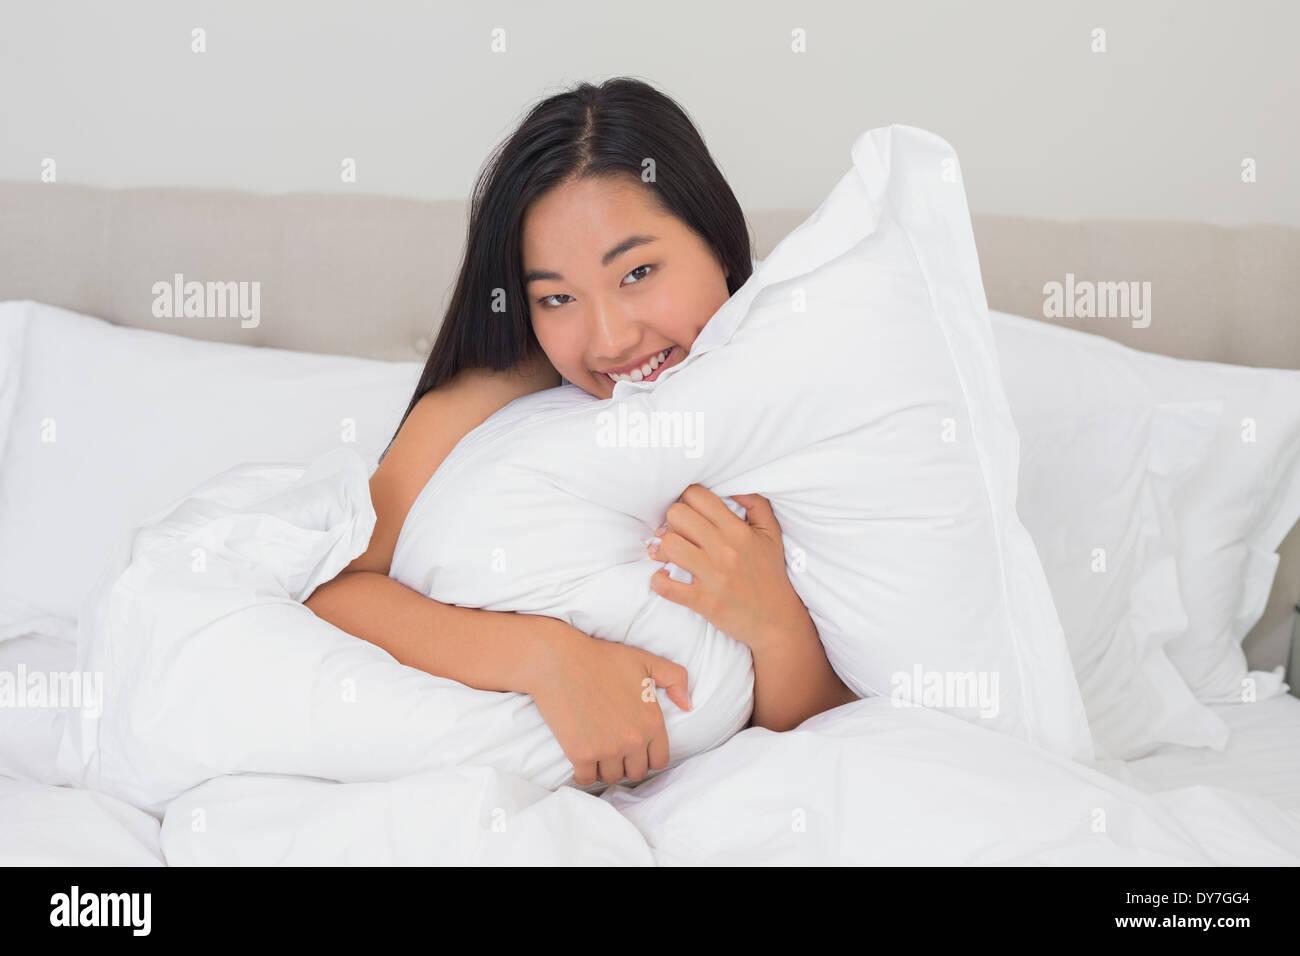 Lächelnde Frau umarmt ihr Kissen Stockbild